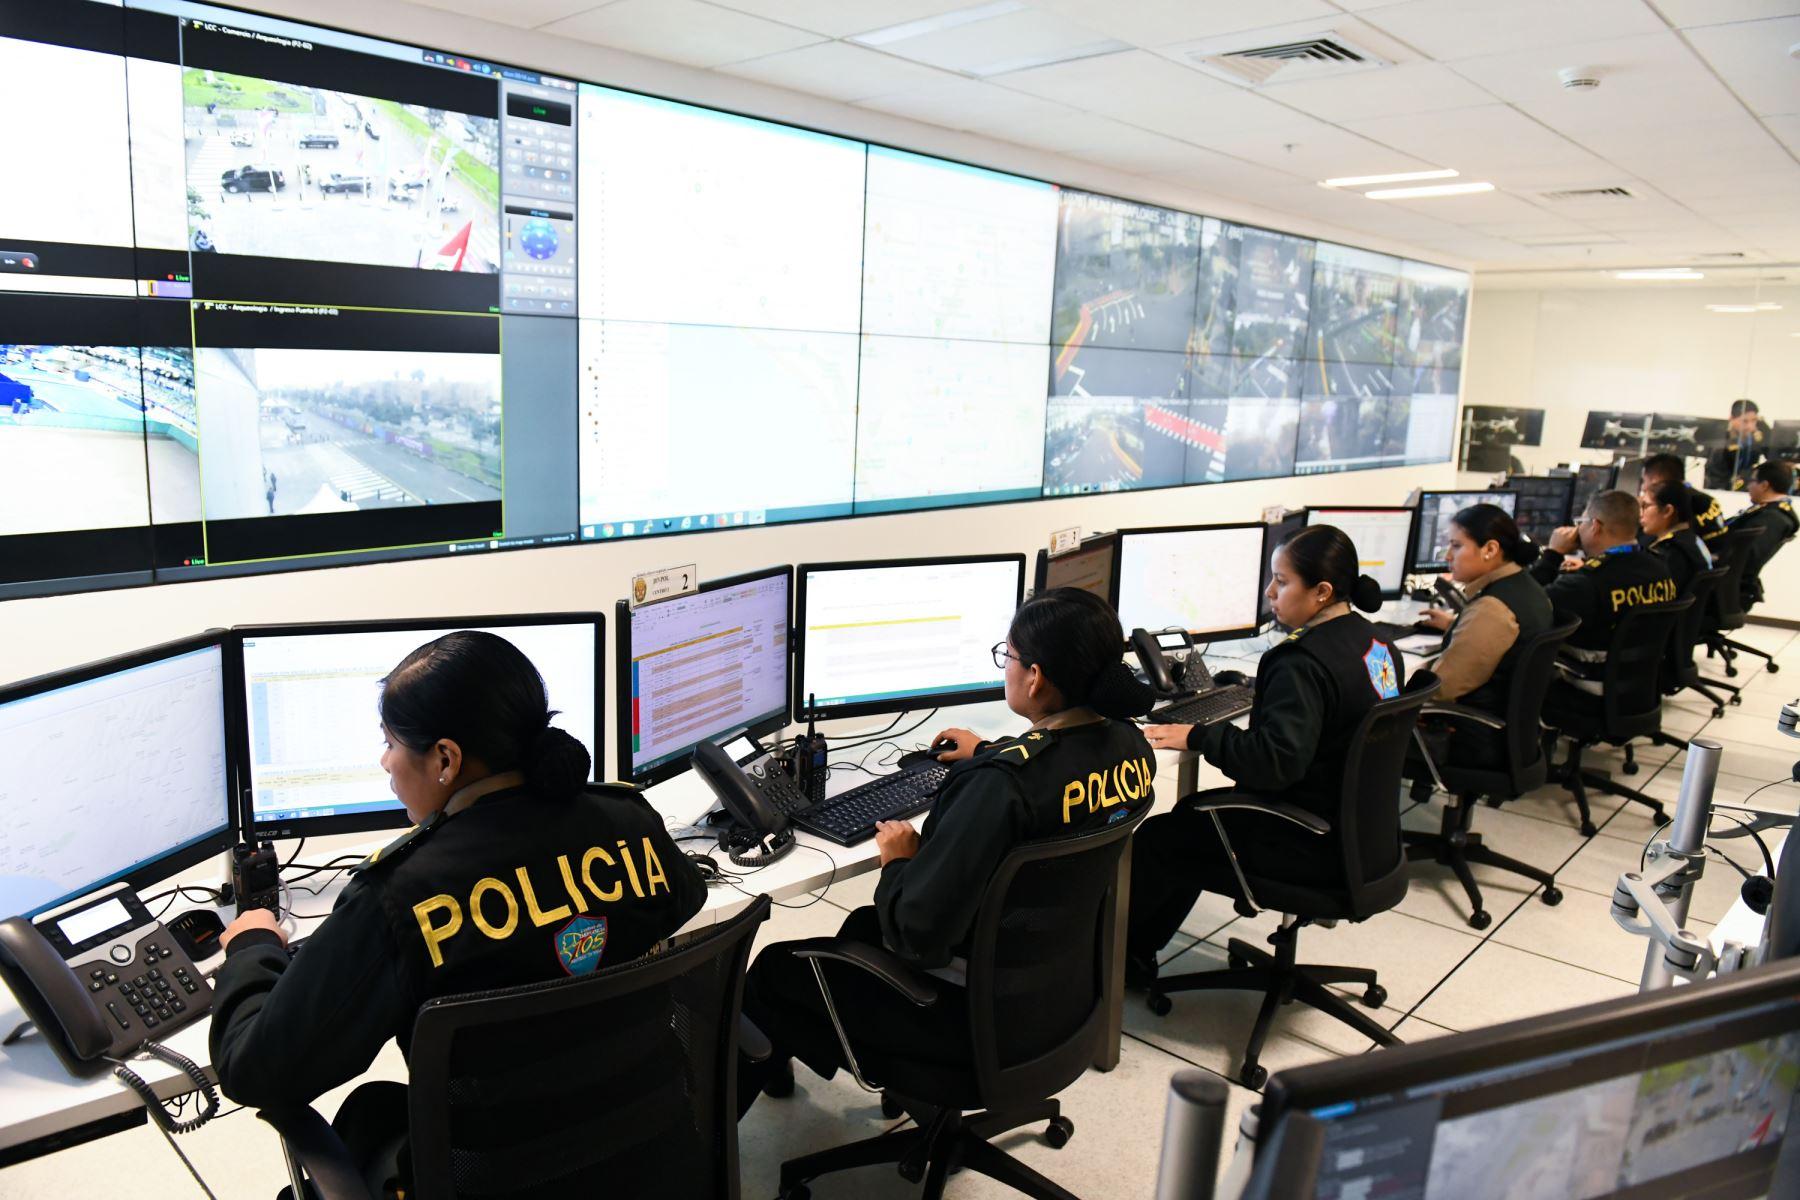 Ministro del Interior, Carlos Morán, supervisa el desarrollo del simulacro de los servicios que brindará la Policía en los diferentes puntos de la capital durante los XVIII Juegos Panamericanos Lima 2019. Foto: Mininter